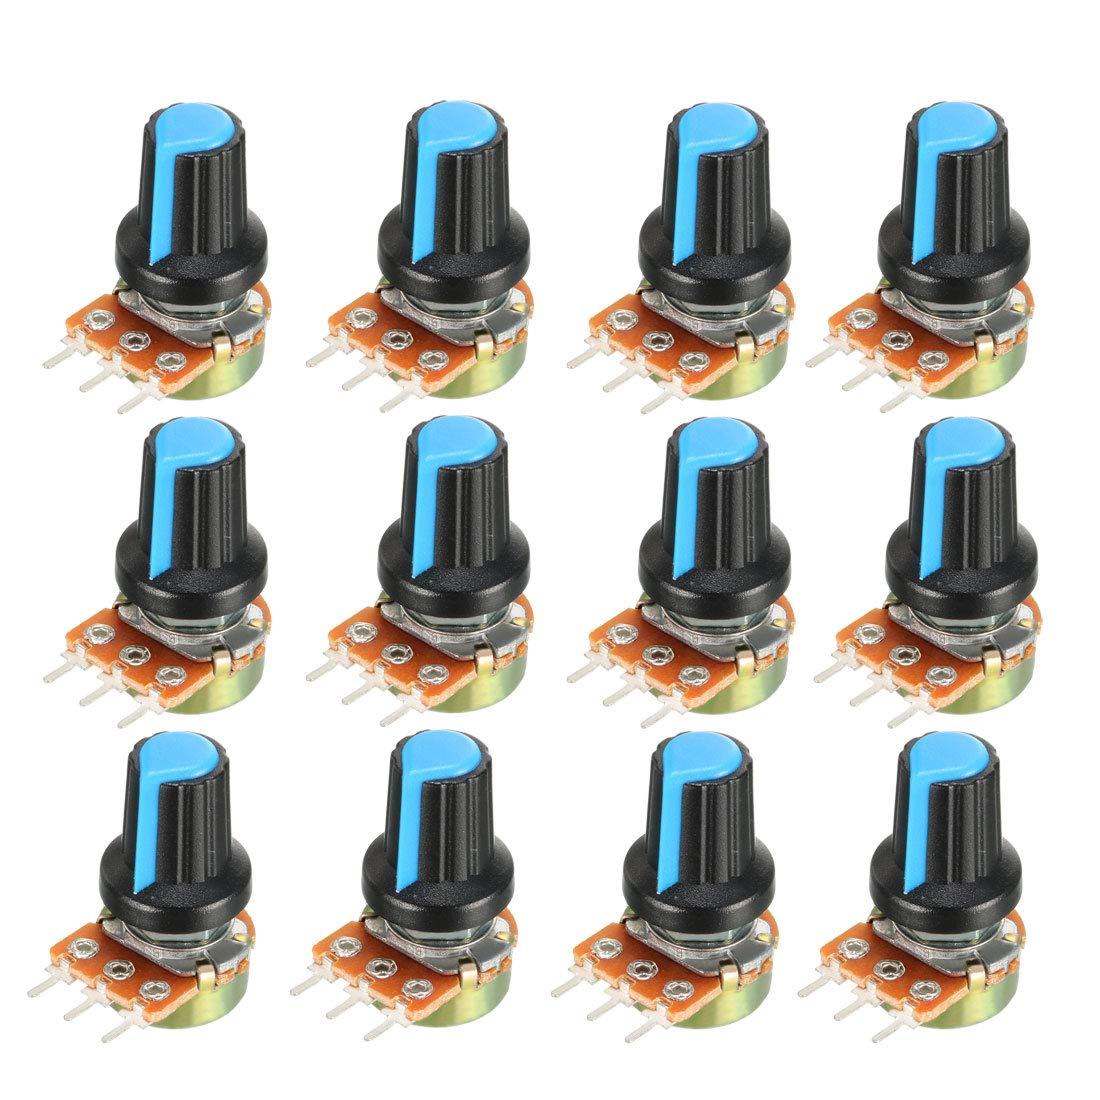 3Pcs 5K Potenci/ómetro de pel/ícula de carbono con perilla blue Sourcingmap